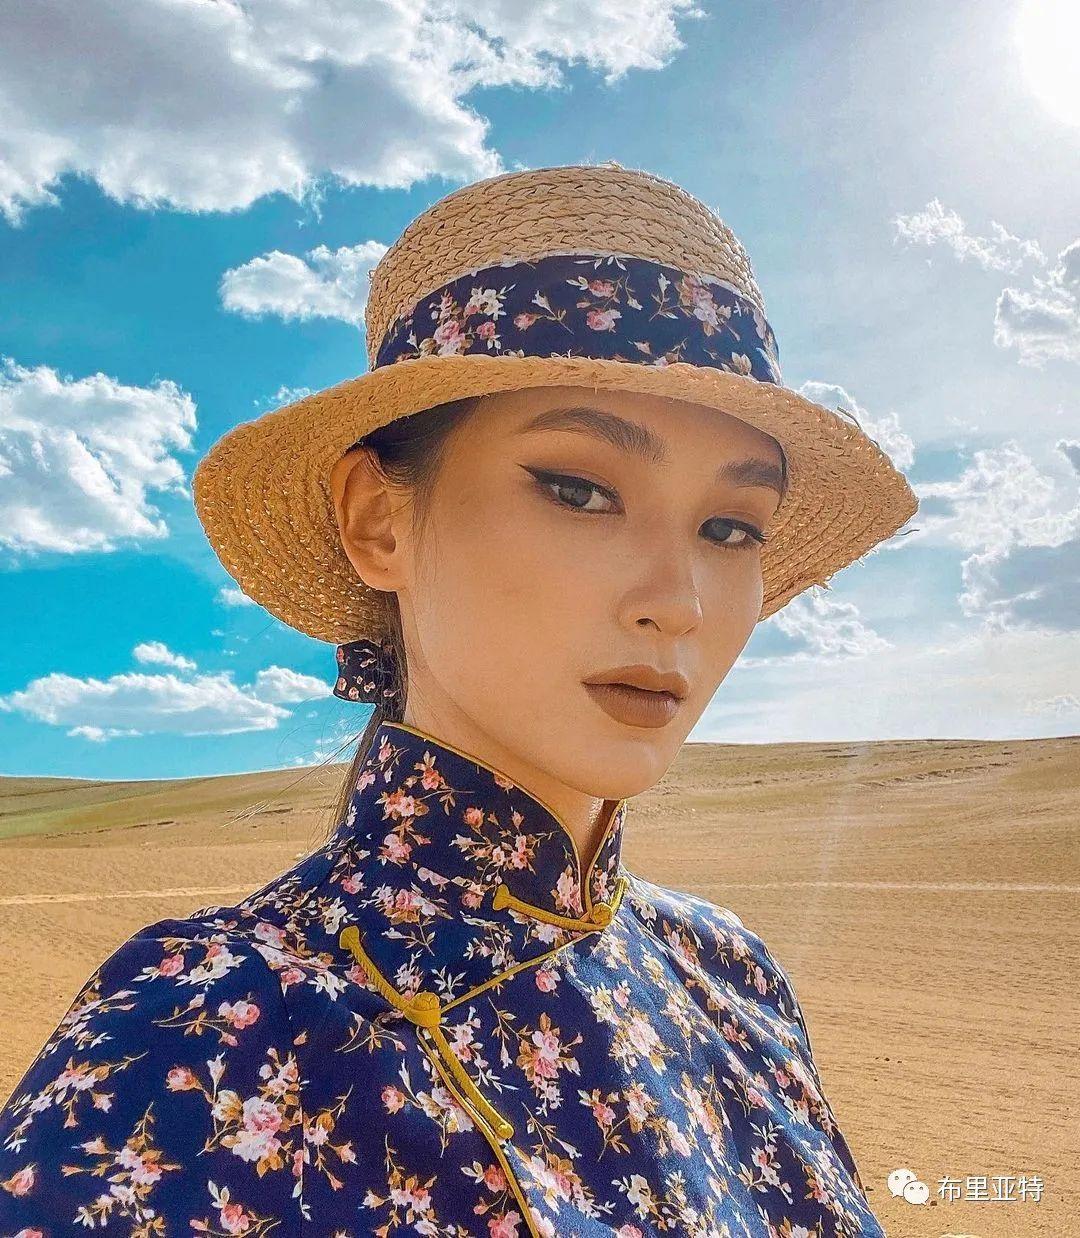 高颜值,好身材,欣赏蒙古跆拳道女神 第3张